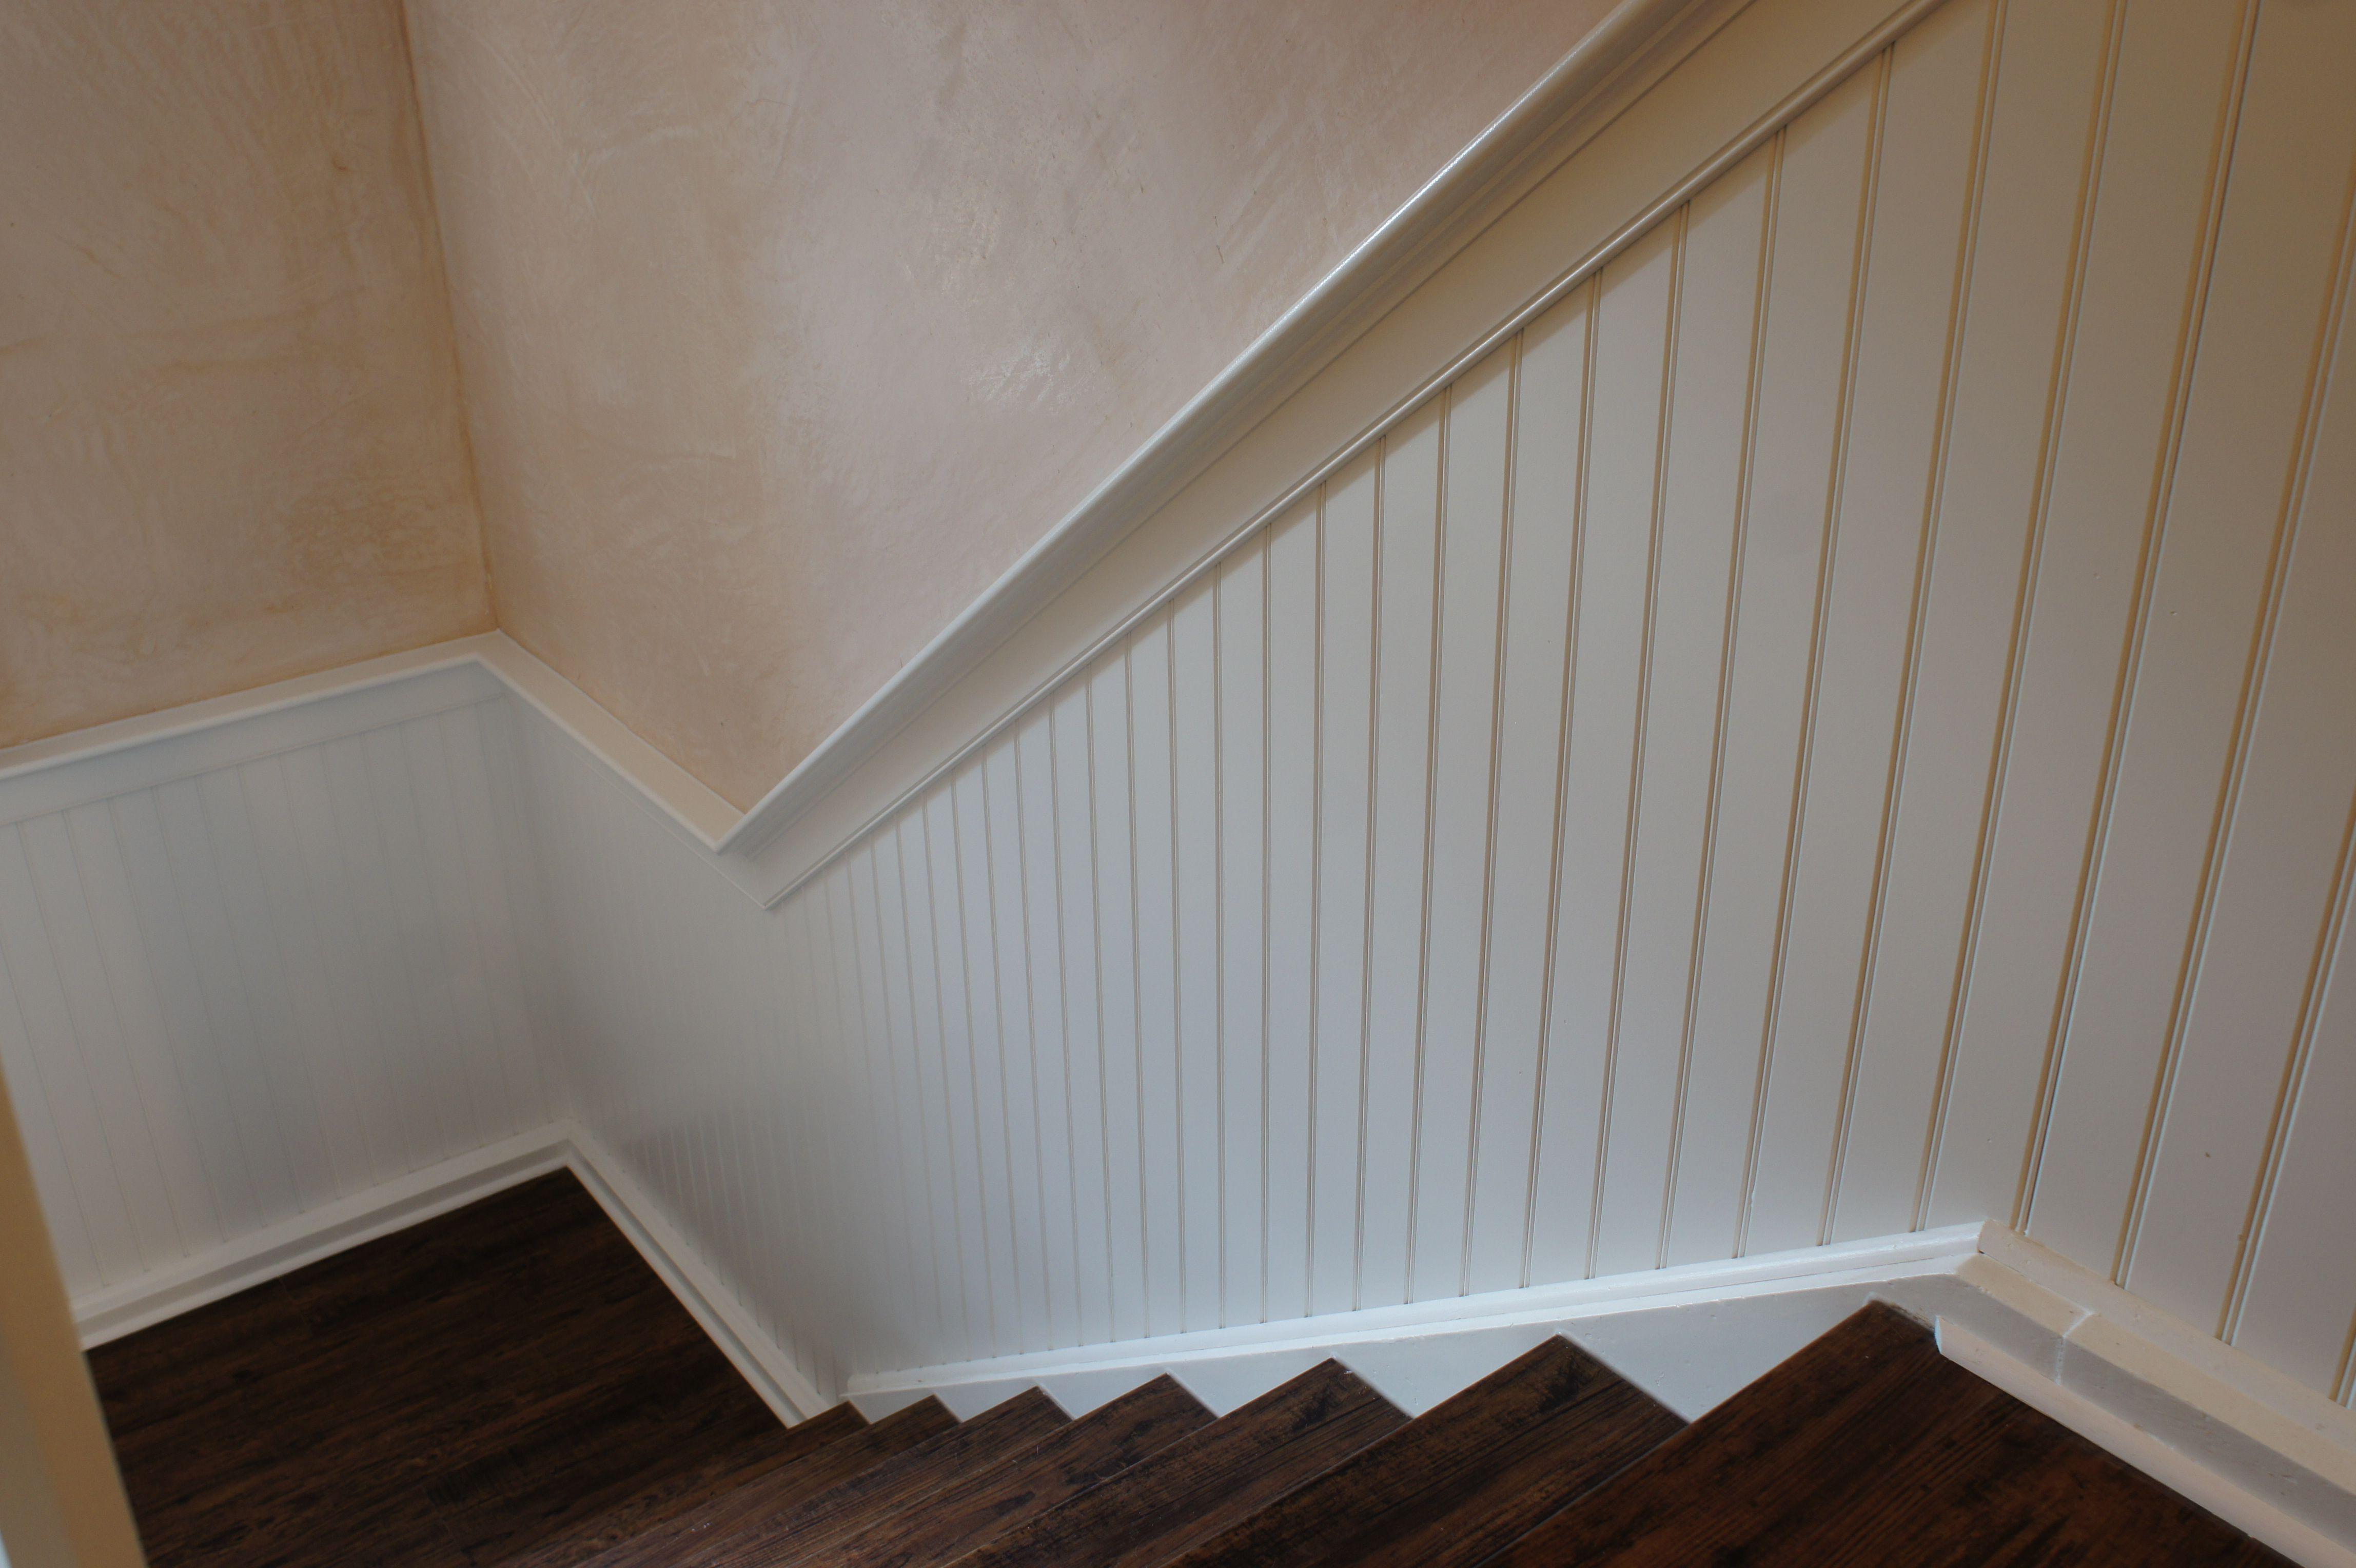 treppenaufgang mehrere stockwerke neu gestaltet mit holzpaneelen wohnen. Black Bedroom Furniture Sets. Home Design Ideas